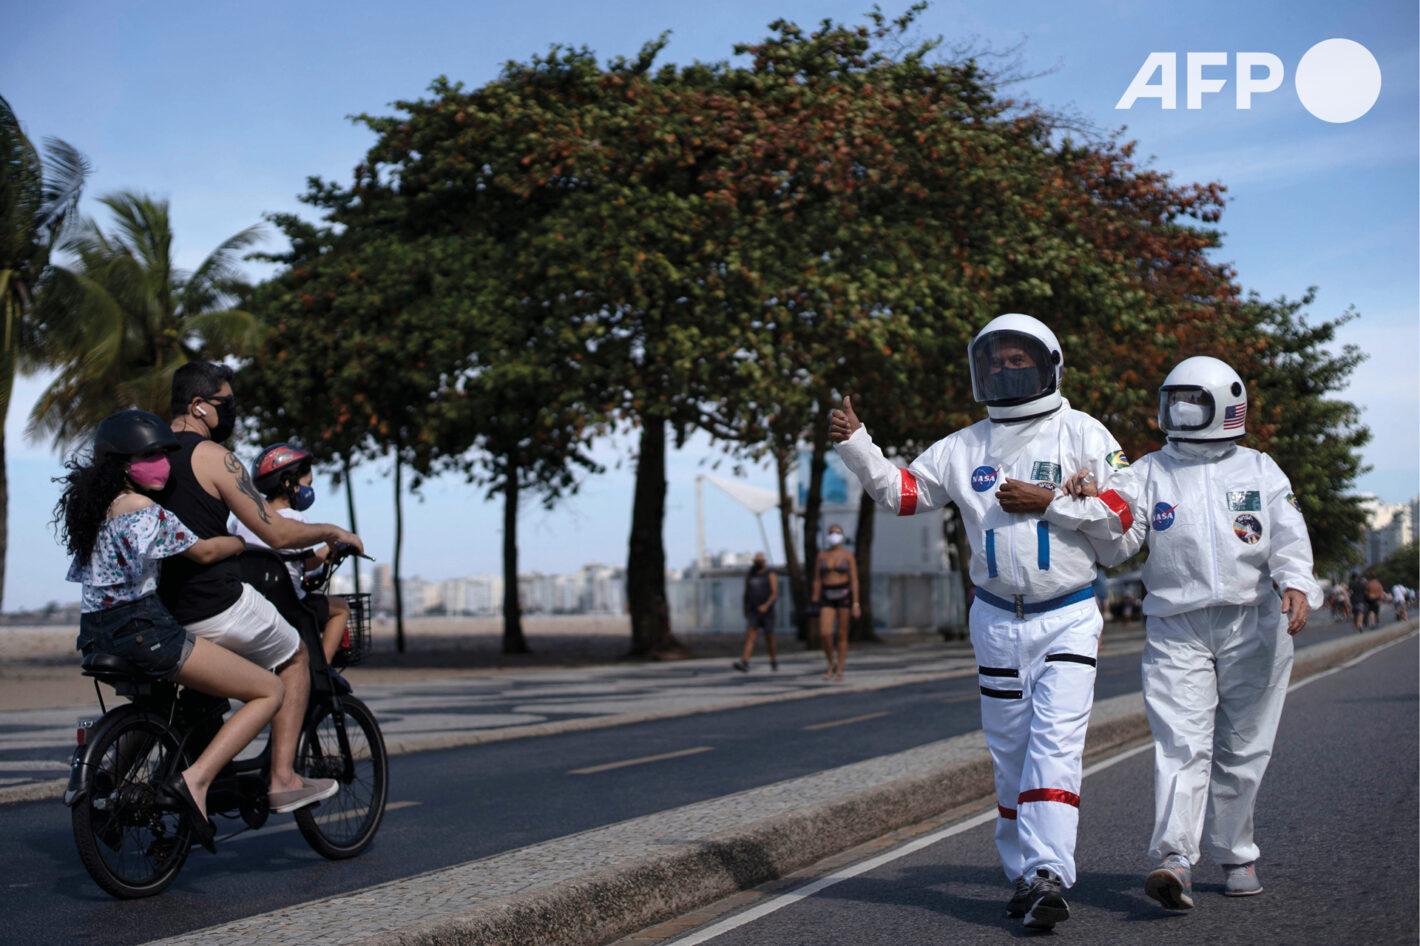 AFP 13 | Mauro PIMENTEL 12 juillet 2020 – Rio de Janeiro (Brésil)